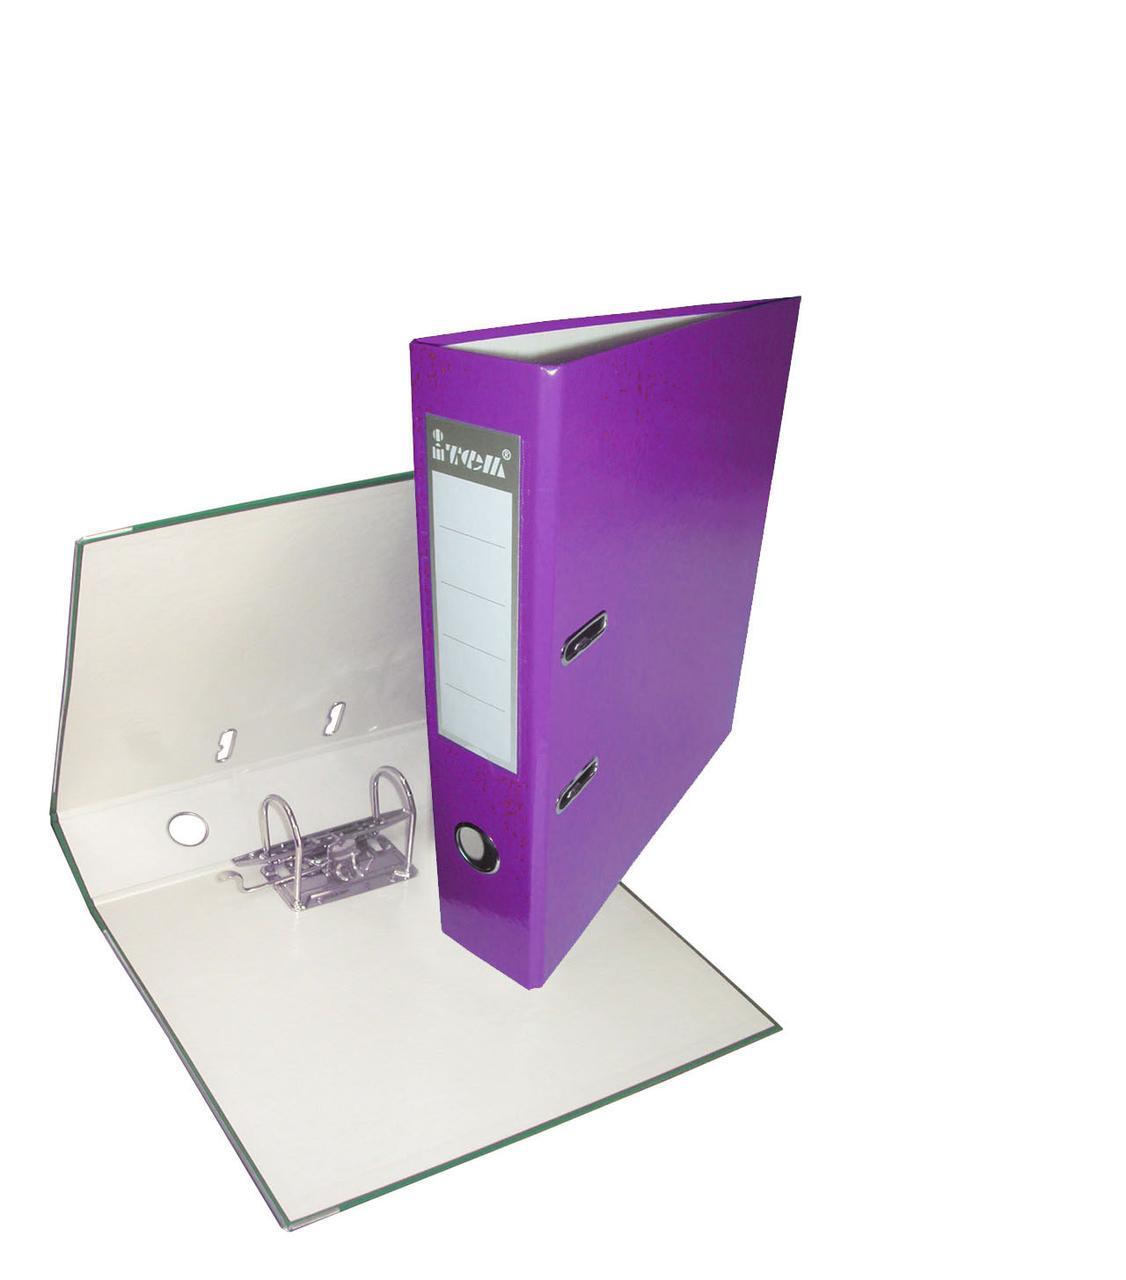 Папка-регистратор, А4, 70 мм, РР-покрытие, кармашек для этикетки, металлический кант